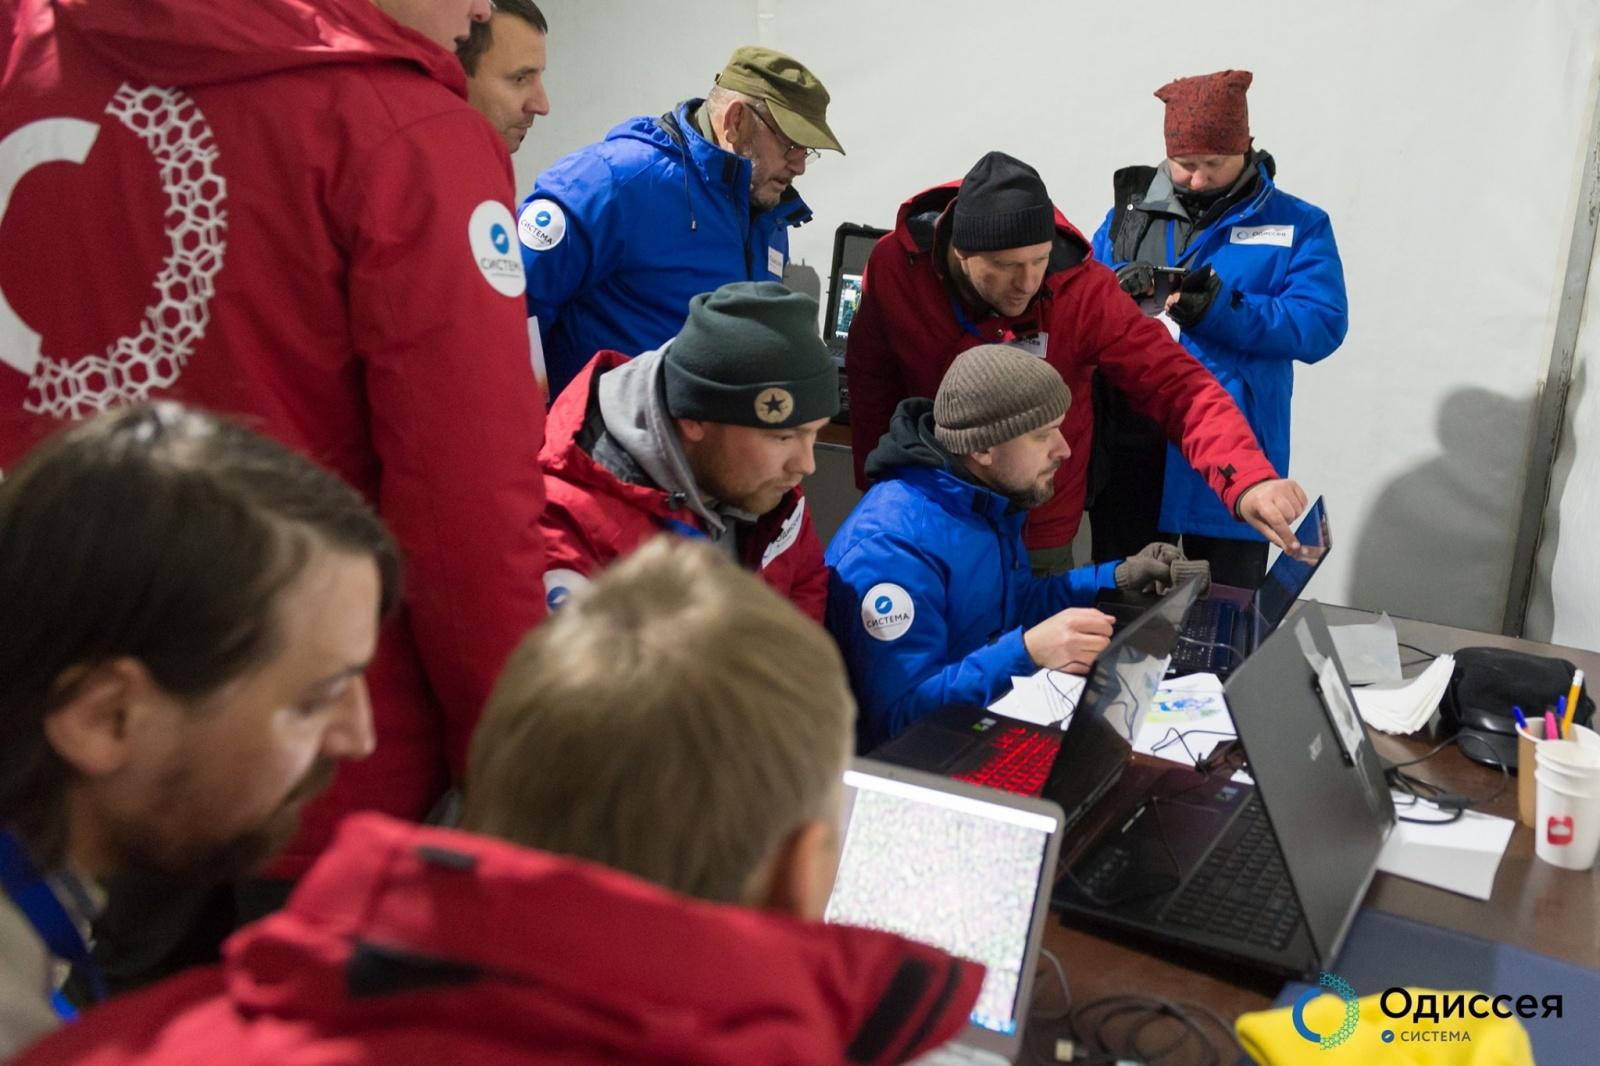 Обыскать 314 км² за 10 часов — финальное сражение инженеров-поисковиков против леса - 13